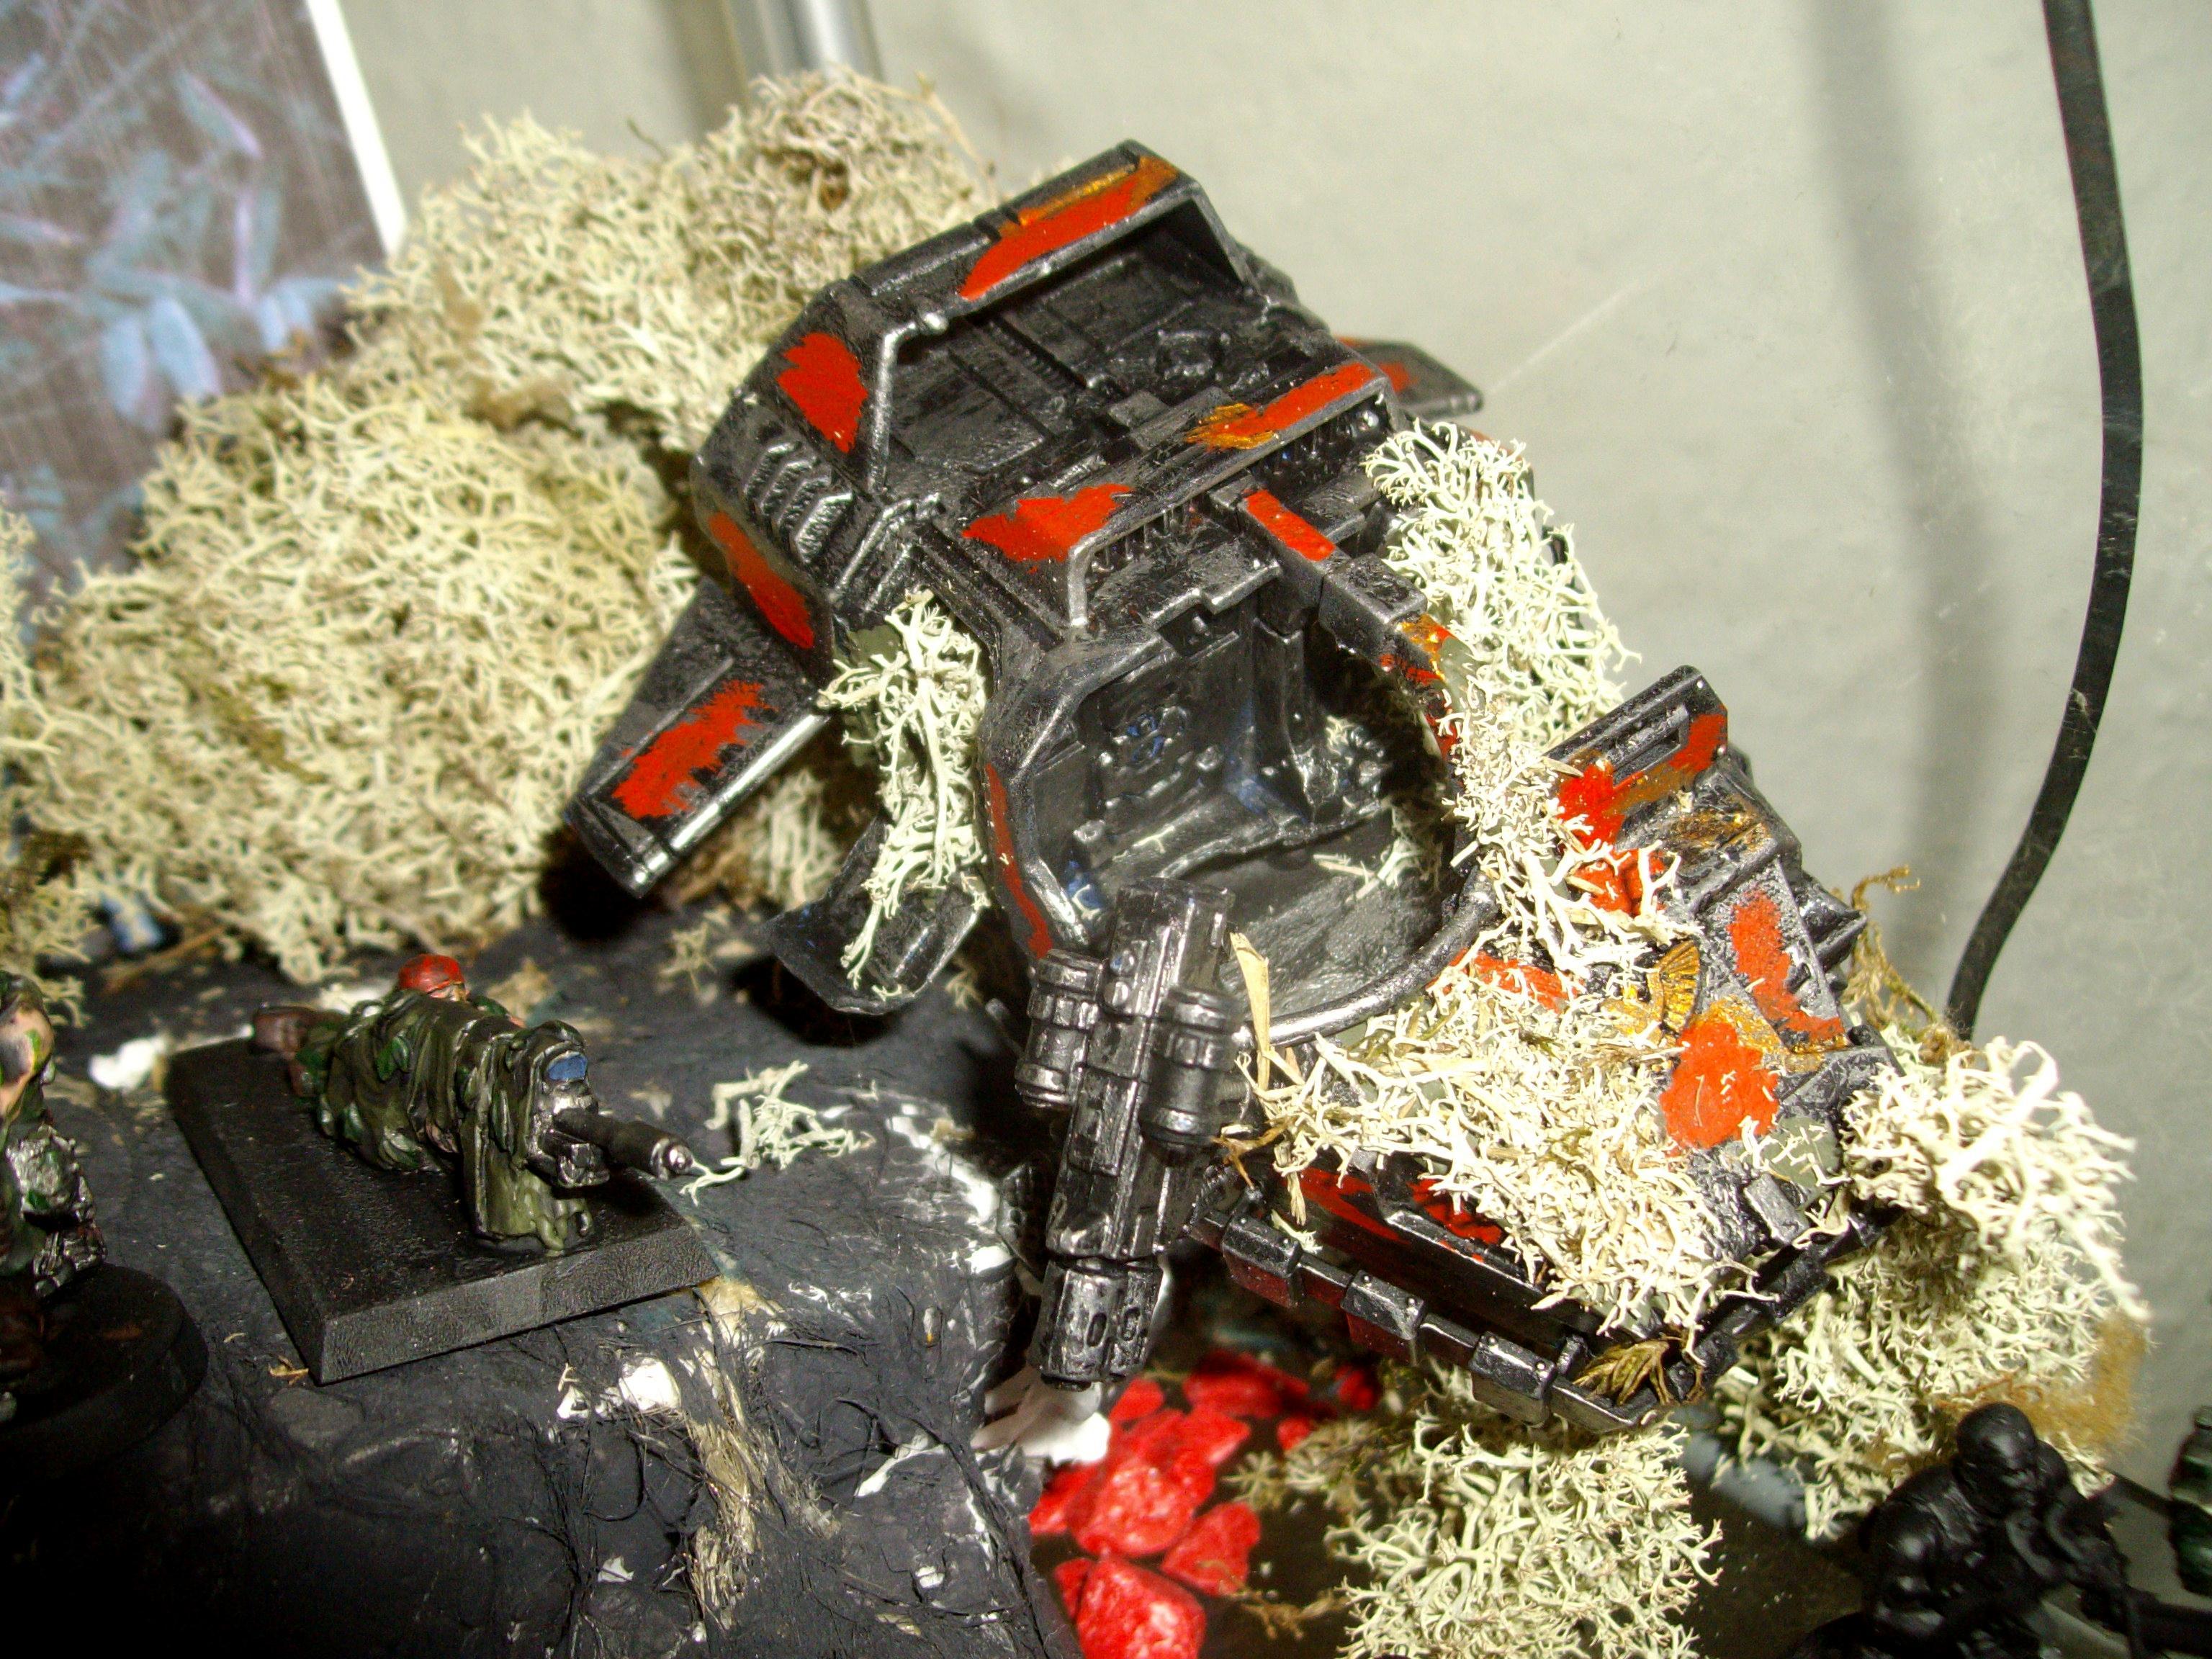 Catachan, Land Speeder, Marine Abuse, Terrain, Warhammer 40,000, Wreck